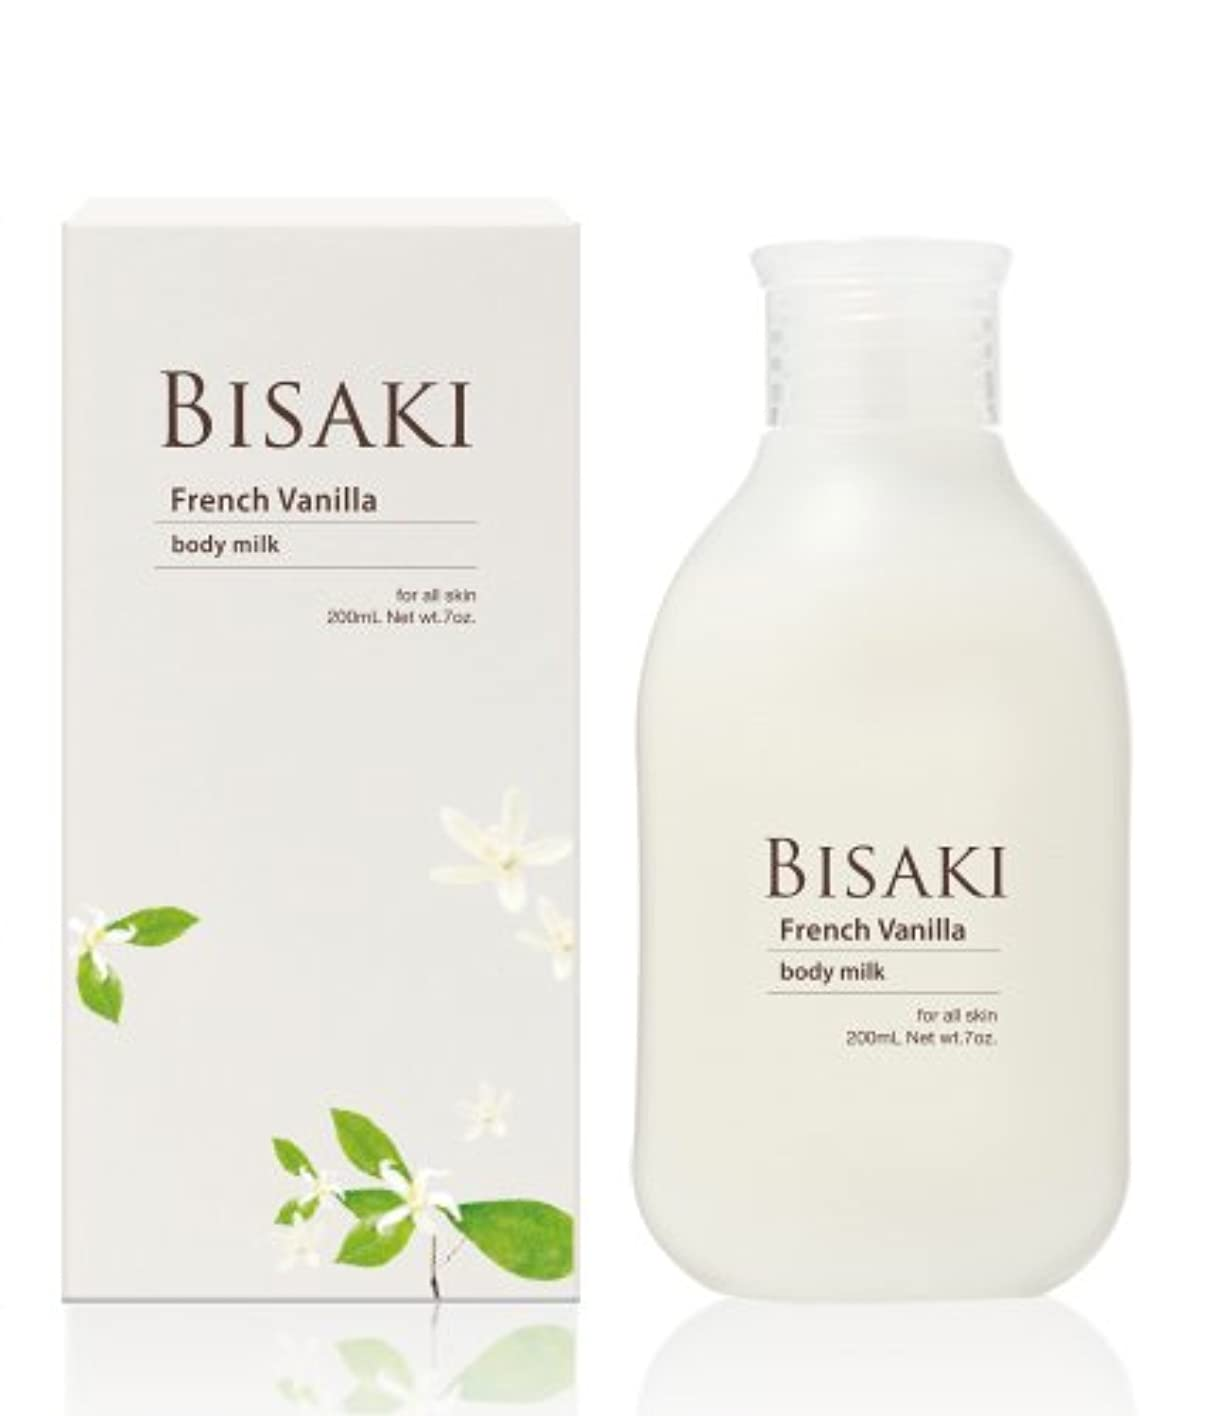 アクティブデマンド鎮痛剤BISAKI ボディミルク フレンチバニラ 200mL